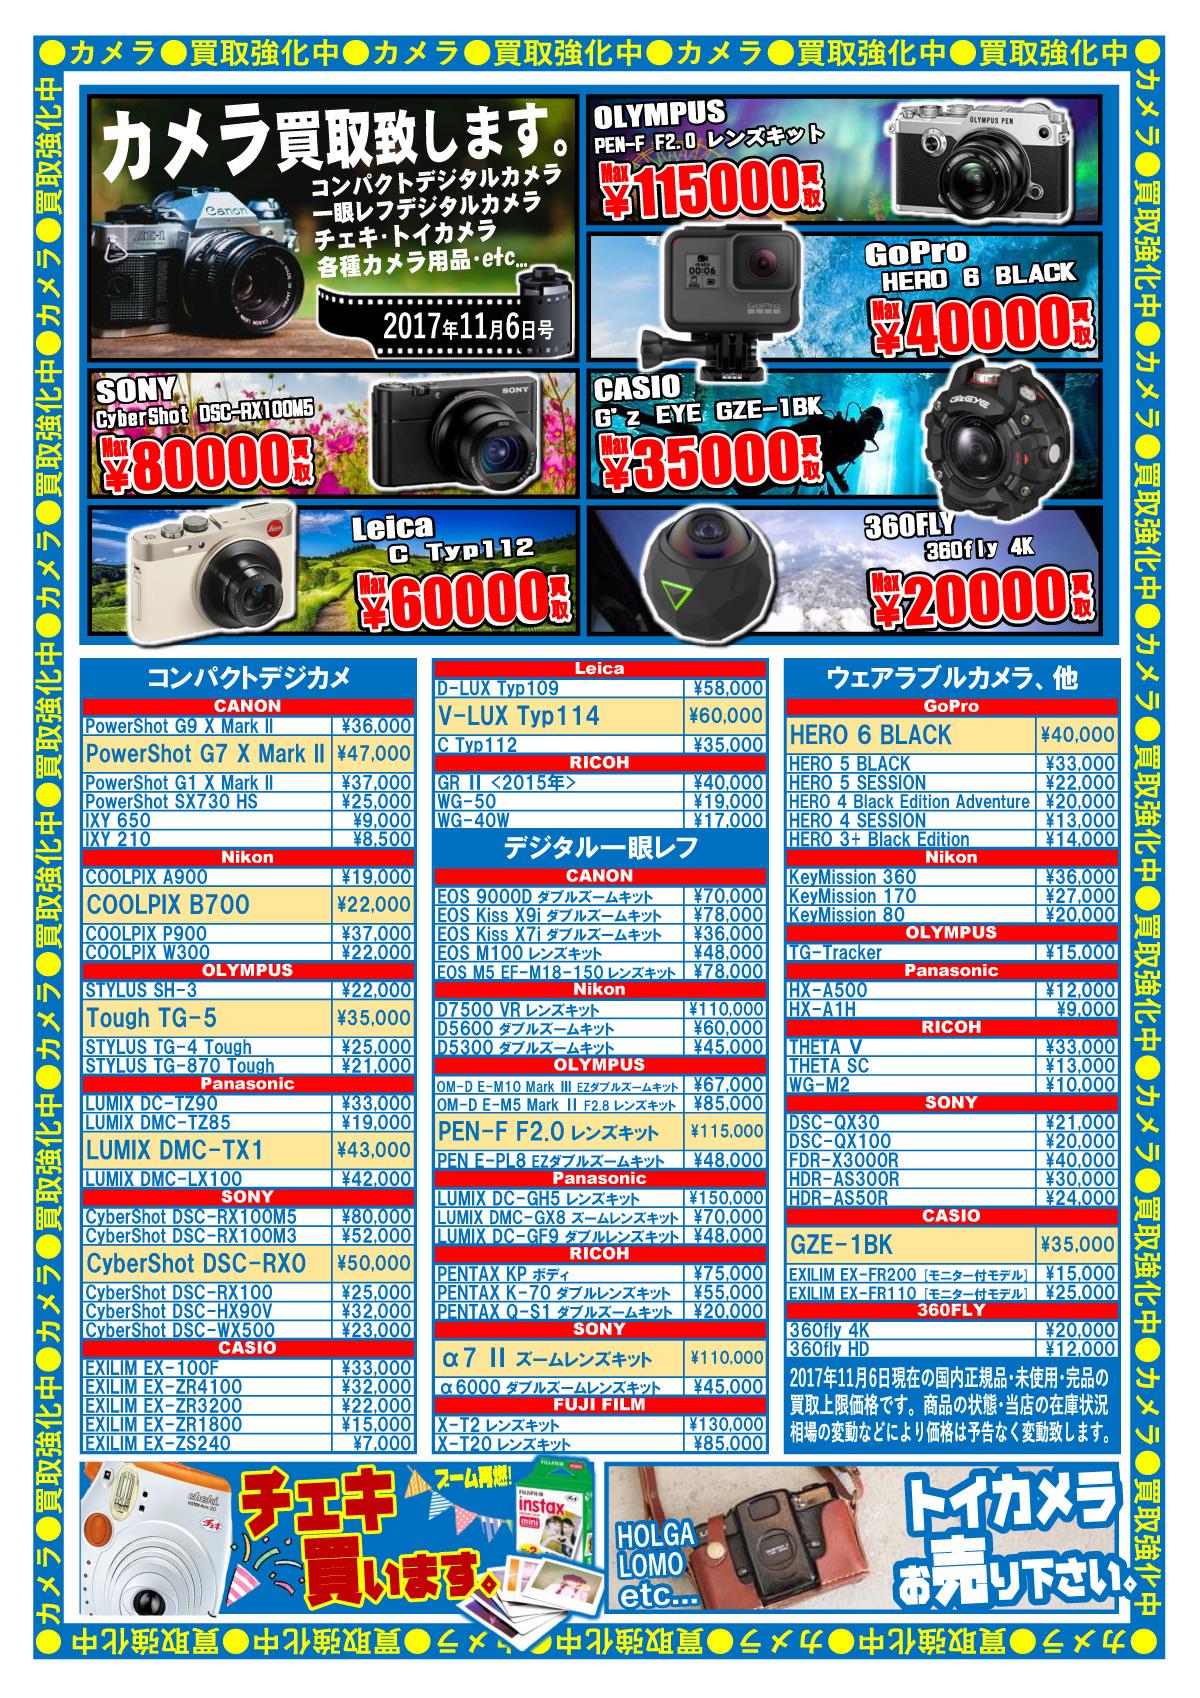 「開放倉庫山城店」家電コーナー<カメラ買取致します。コンパクトデジタルカメラ・一眼レフデジタルカメラ・チェキ・トイカメラ・各種カメラ用品・etc>11月6日号を更新しました!